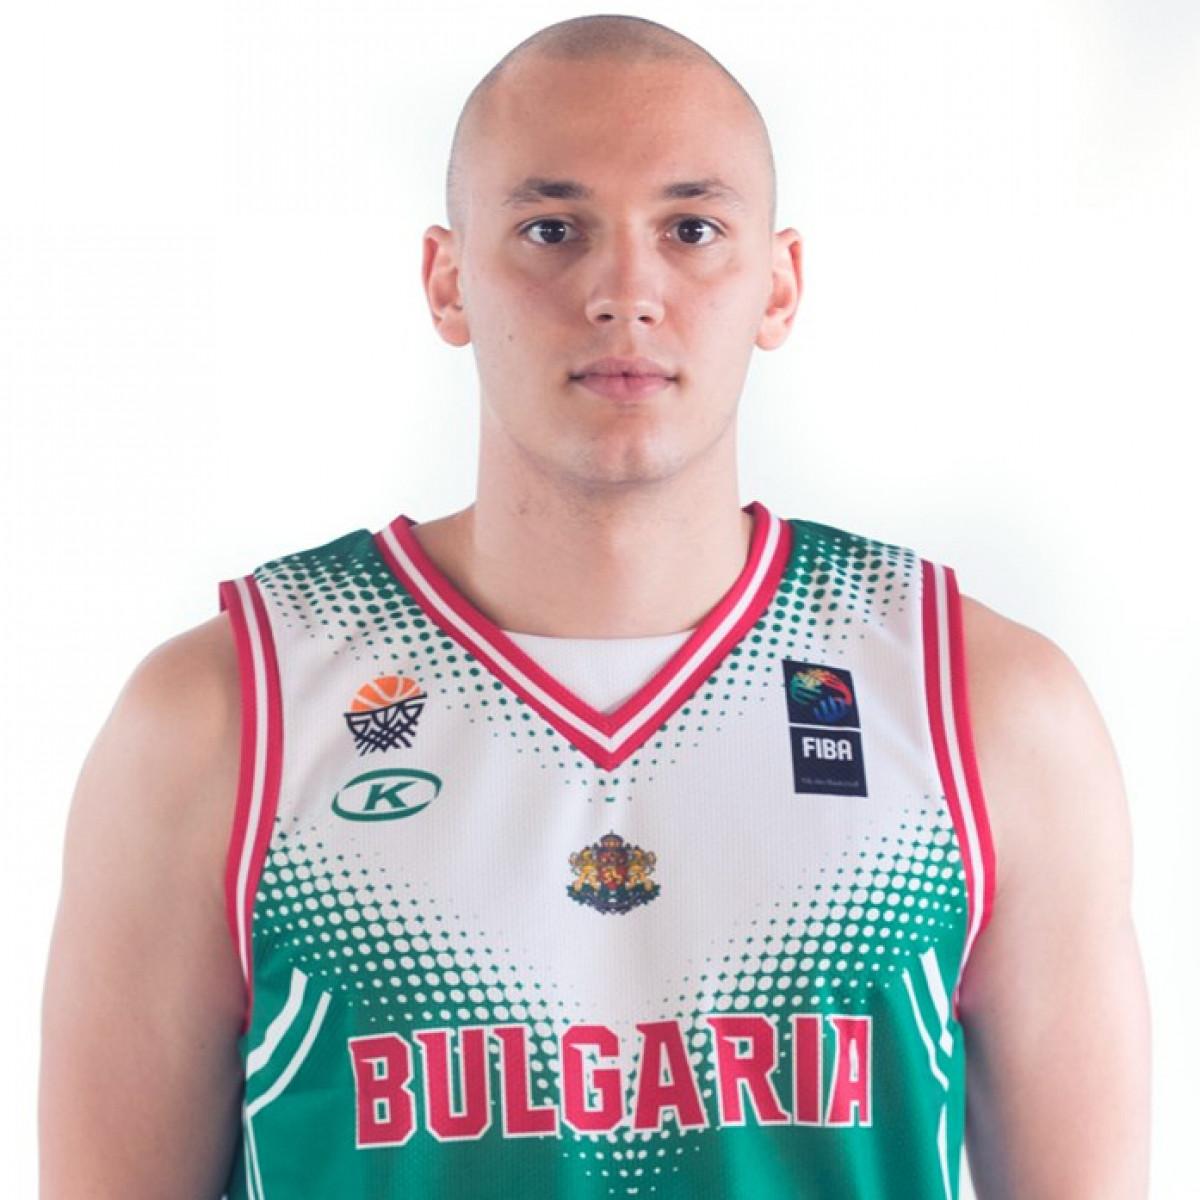 Photo of Lachezar Dimitrov, 2019-2020 season